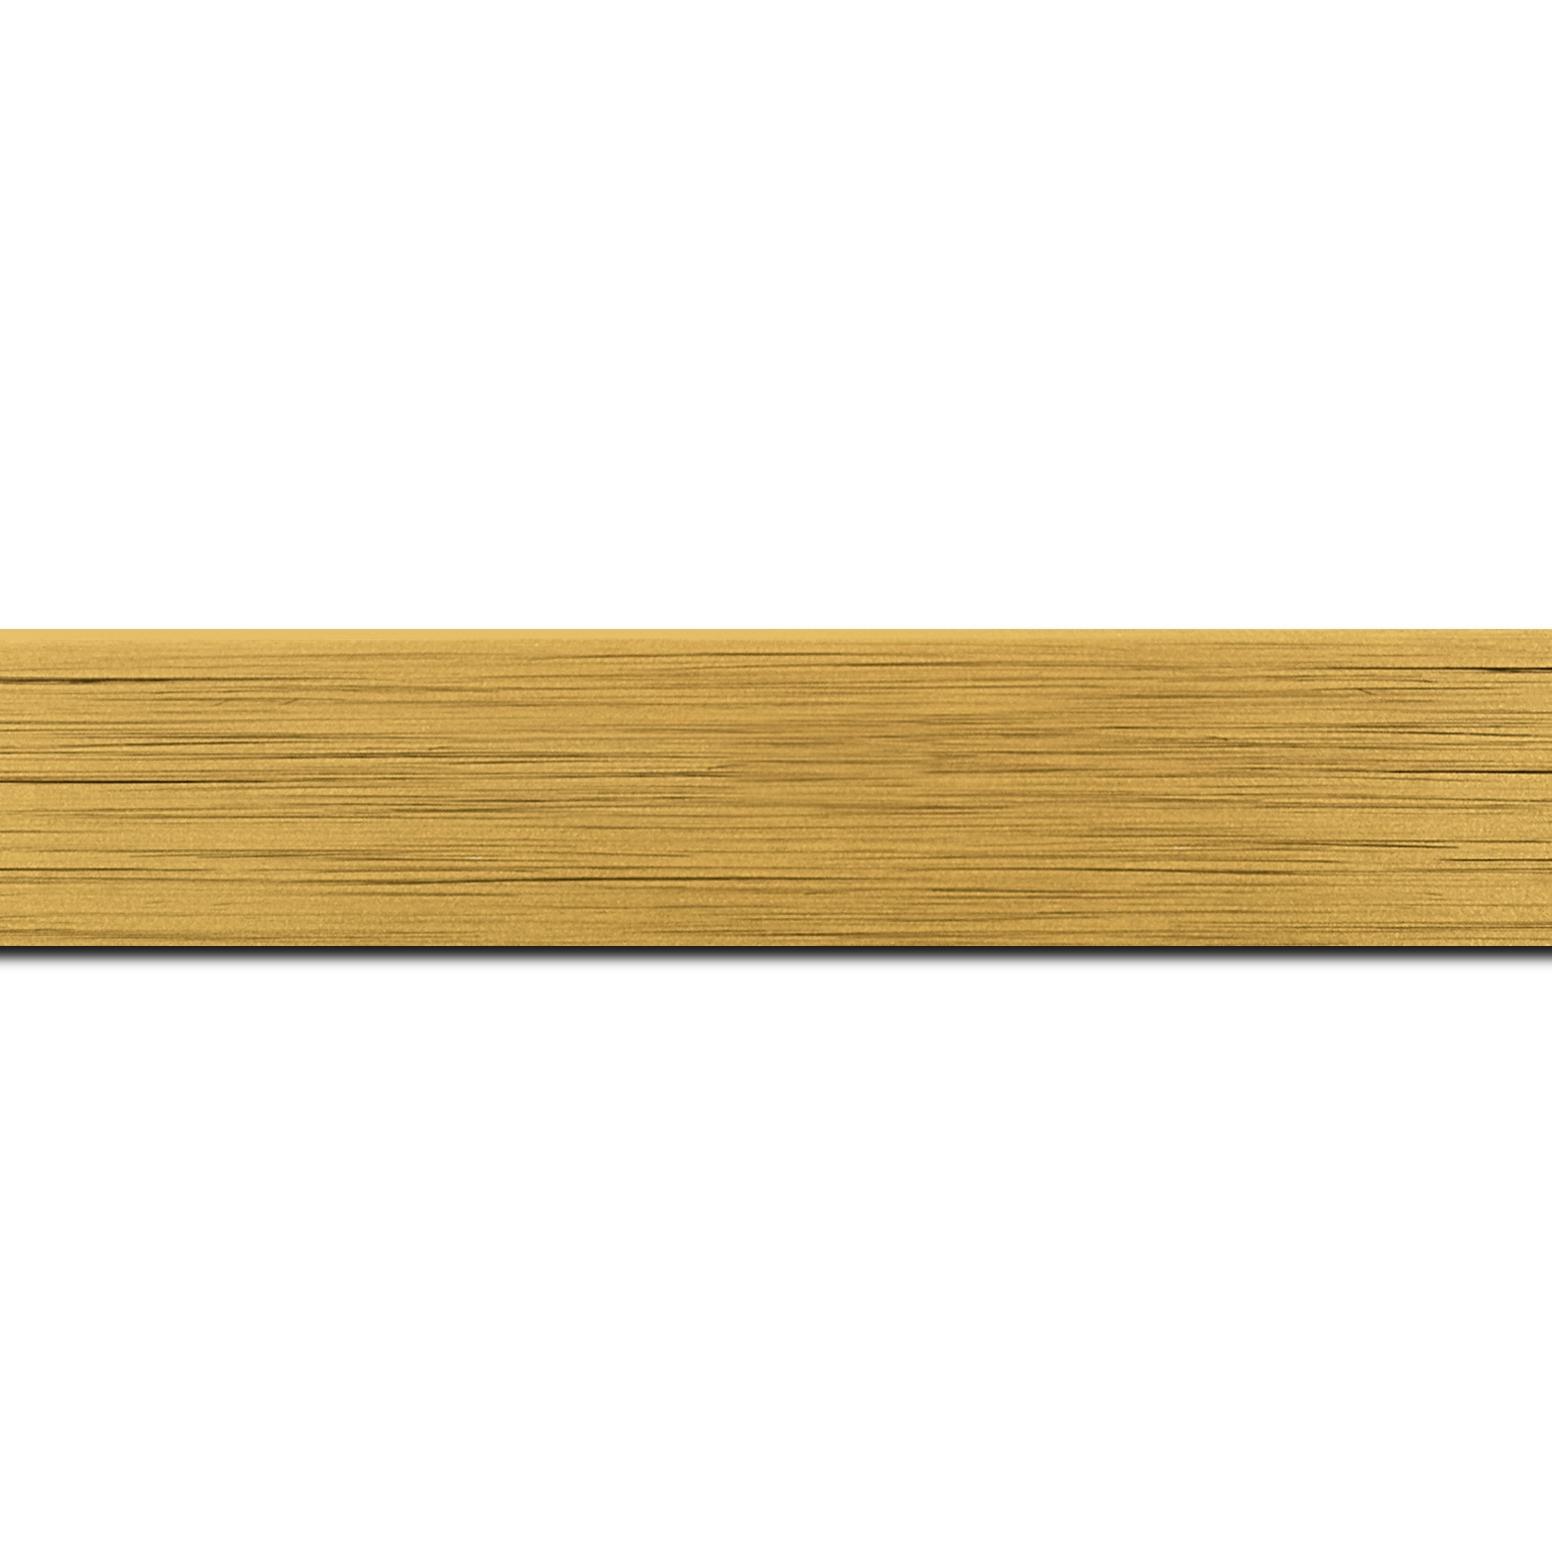 Baguette longueur 1.40m bois profil plat largeur 2.5cm hauteur 4.8cm or contemporain (hauteur feuillure 4.3cm )